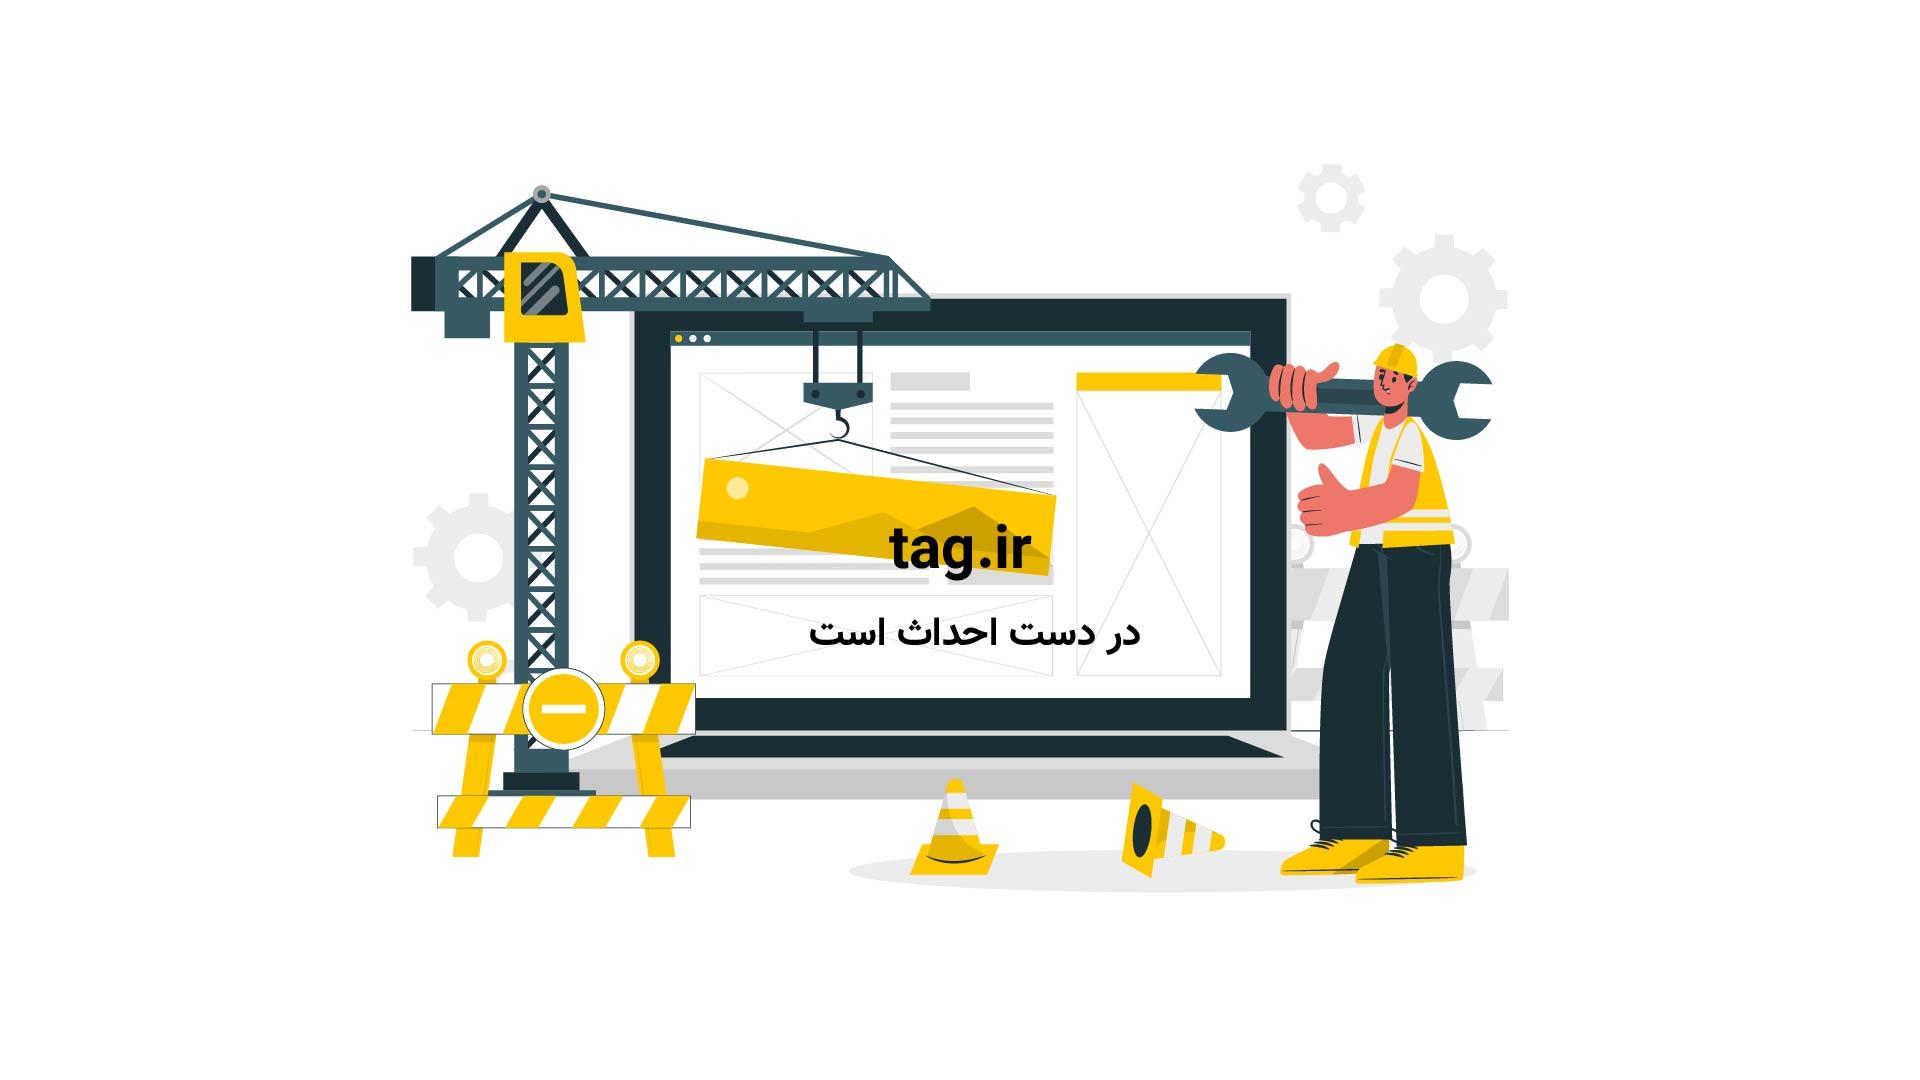 سخنرانی های تد؛ حال خوب فقط با ده دقیقه تمرکز | فیلم